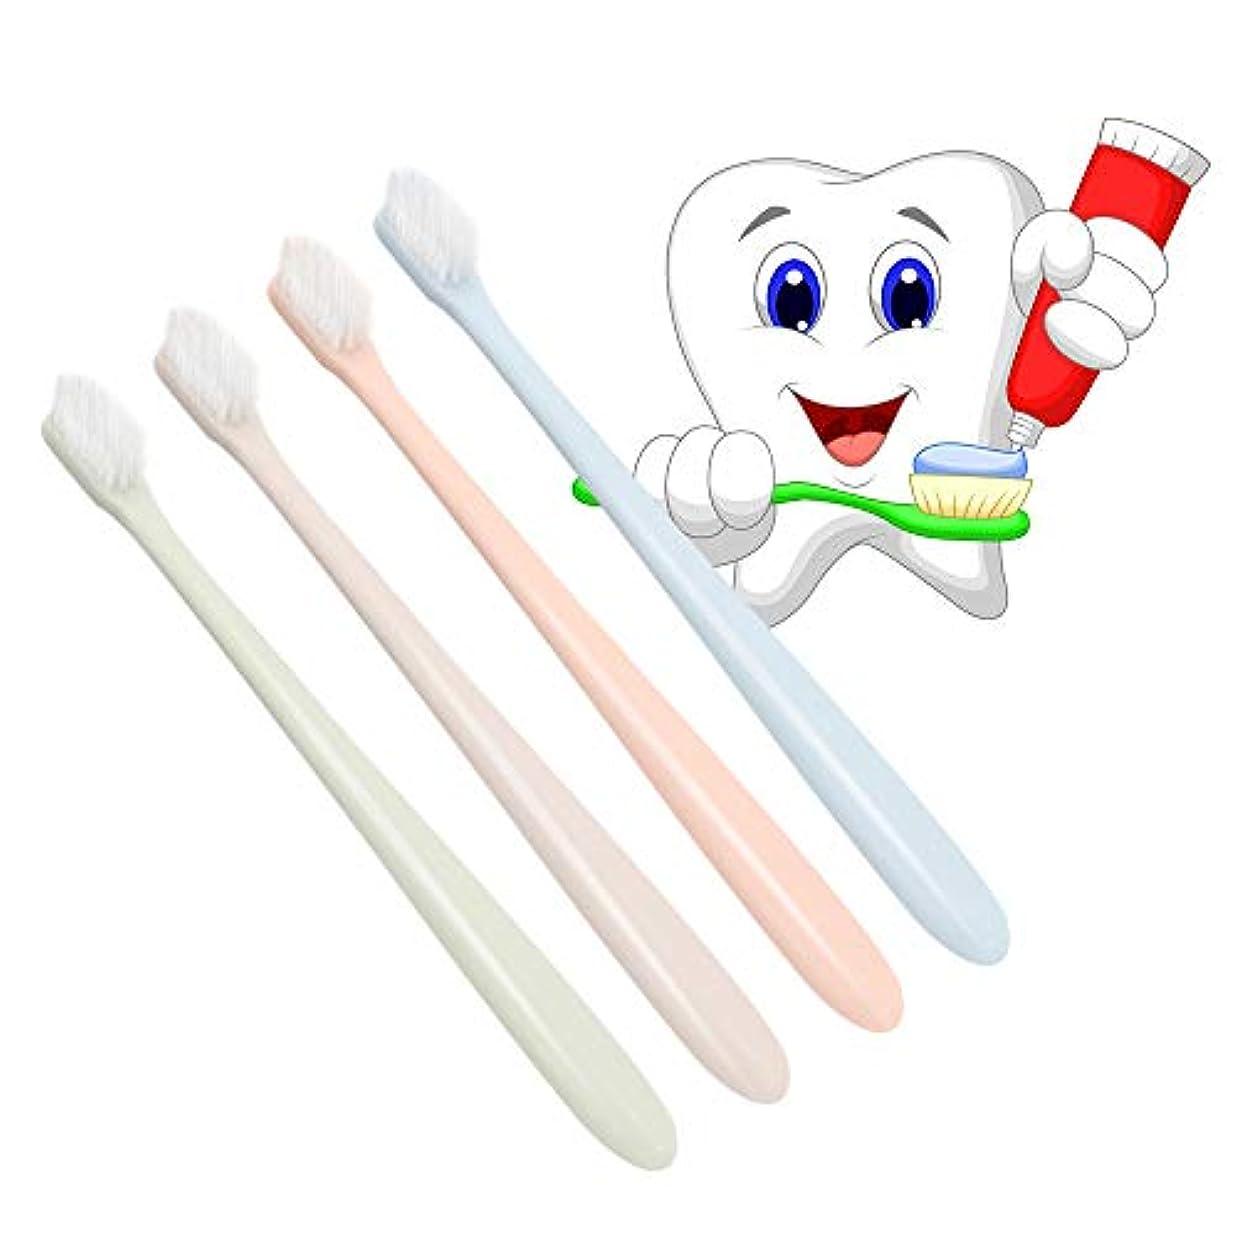 カフェテリア誘惑送るDecdeal 歯ブラシ 4本入り 大人の歯ブラシ 柔らかい 携帯用